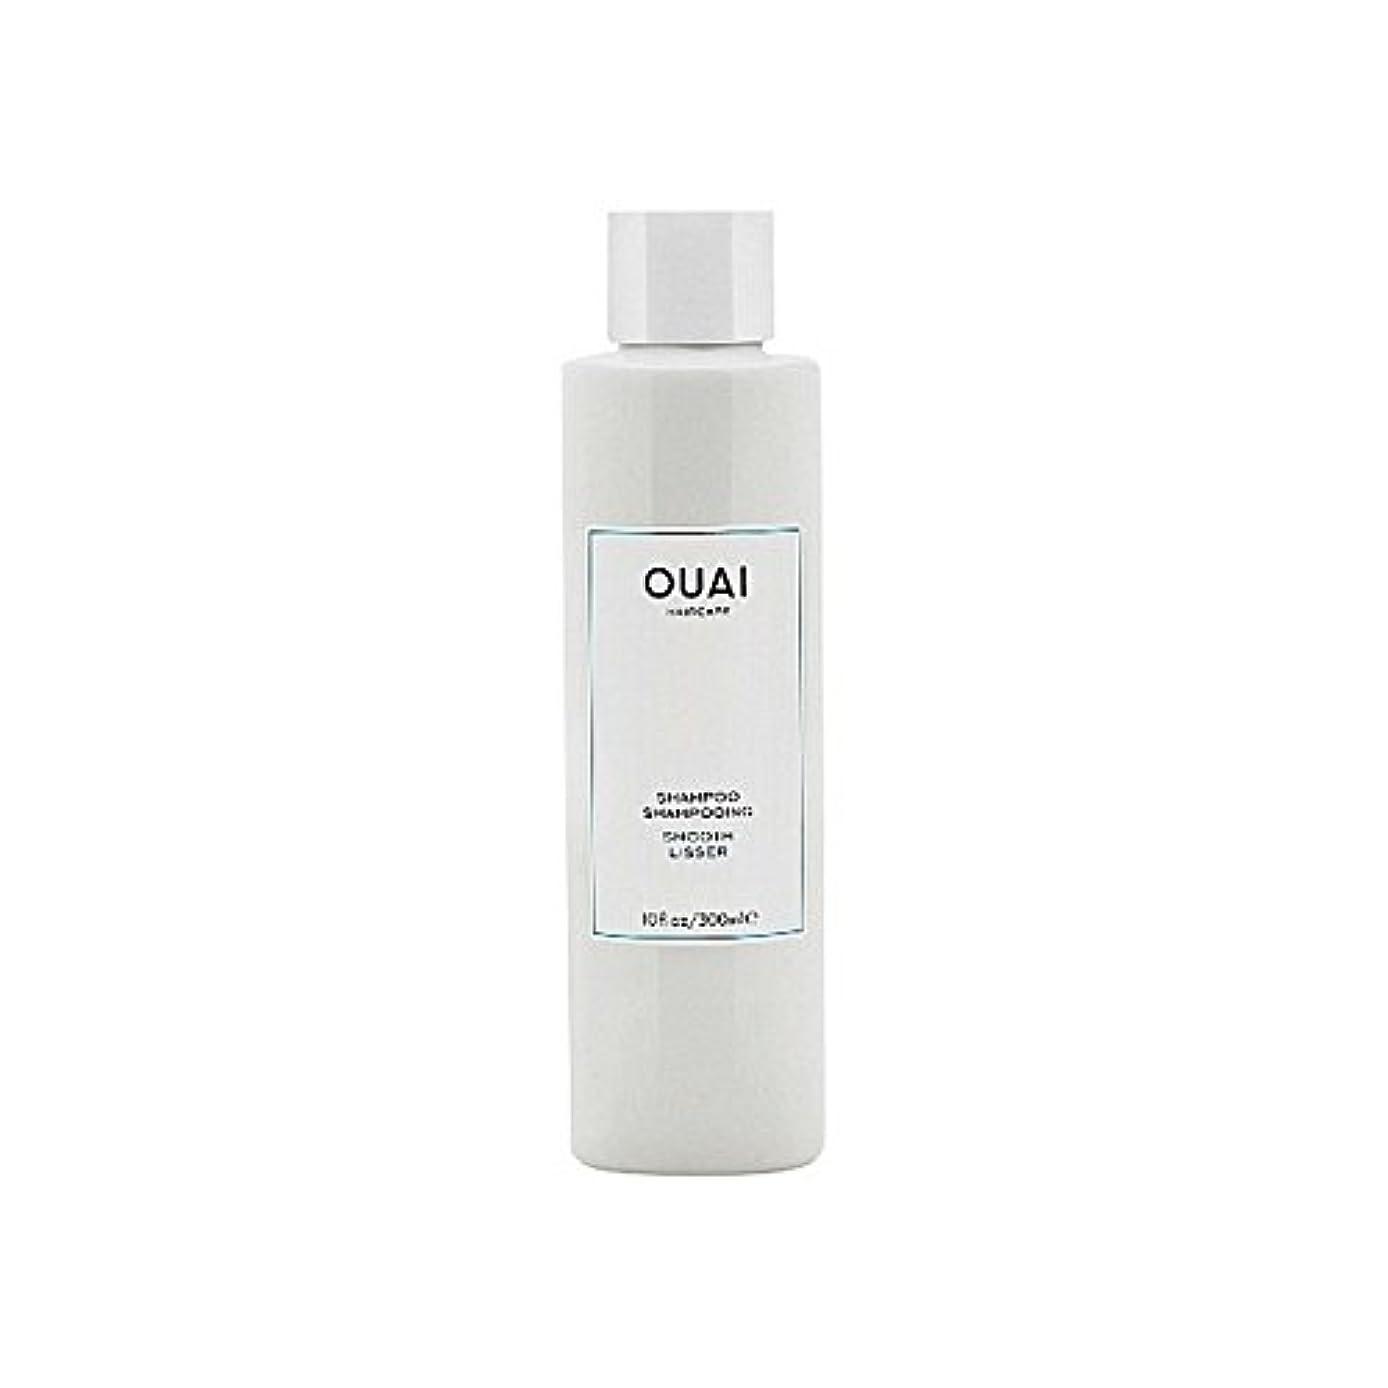 線形味わう後継Ouai Smooth Shampoo 300ml - スムーズなシャンプー300ミリリットル [並行輸入品]